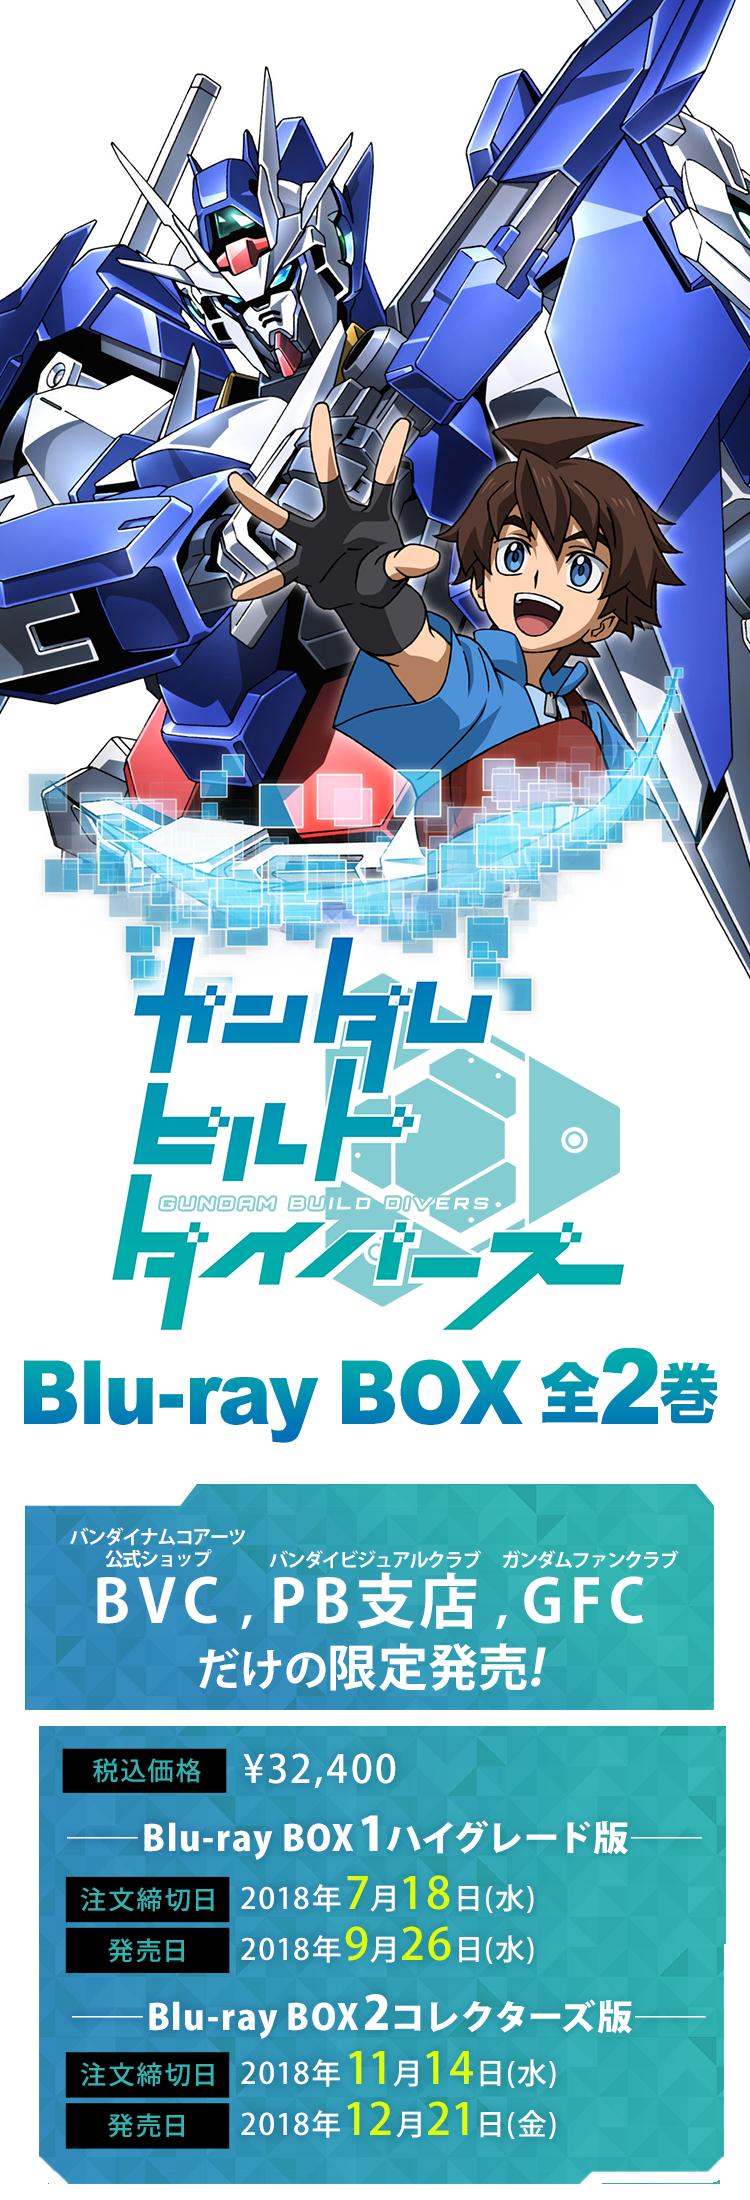 ガンダムビルドダイバーズ Blu-ray BOX1 ハイグレード版[初回限定生産]